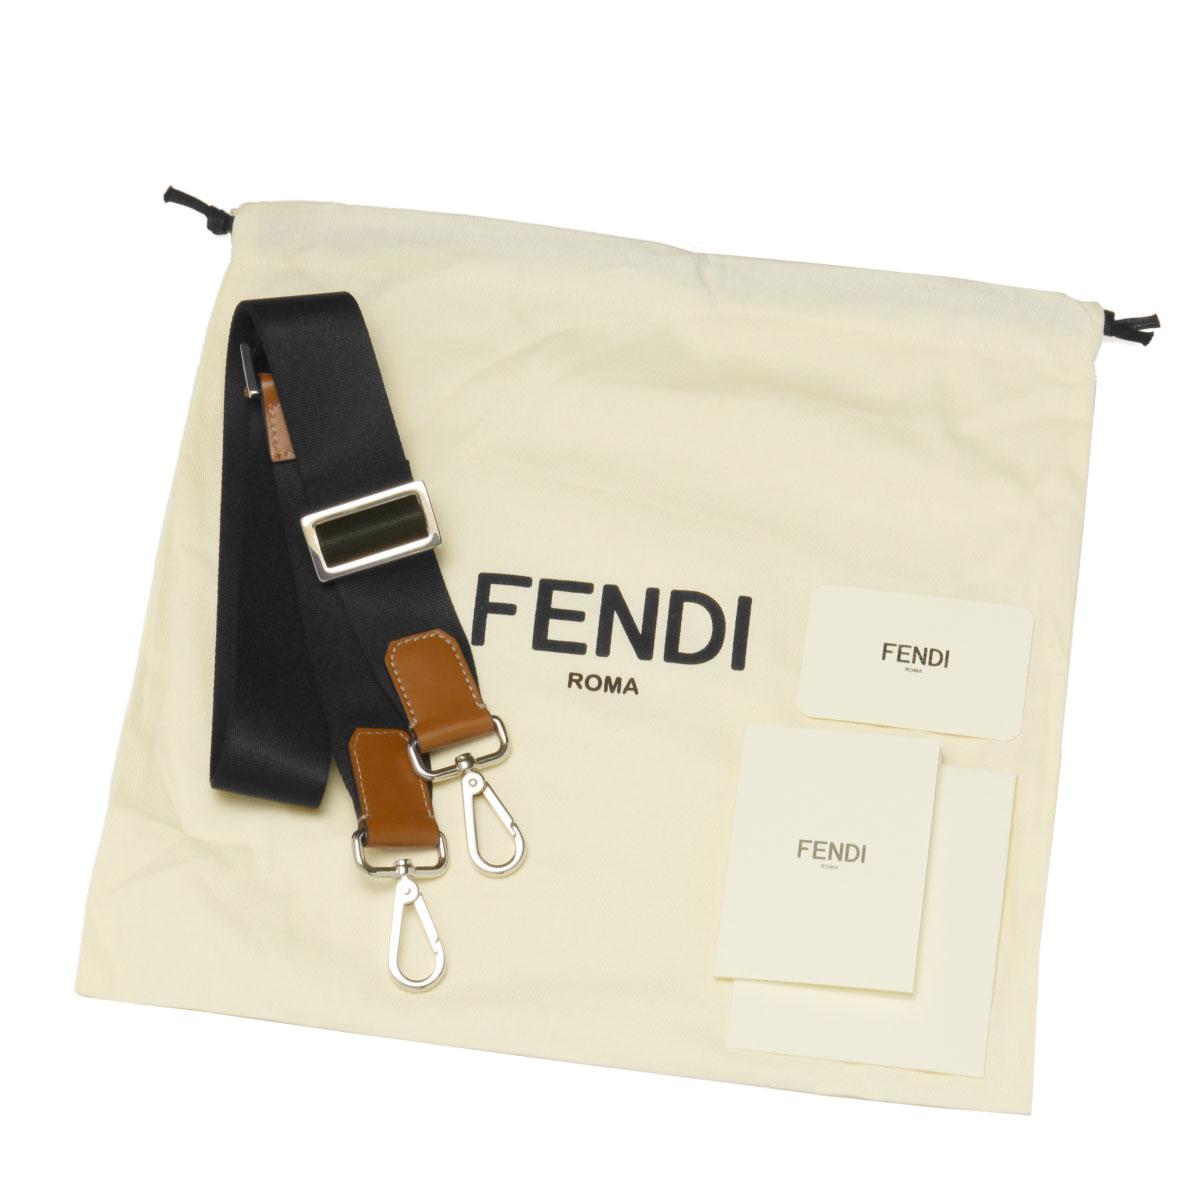 FENDI フェンディ | ショルダーバッグ ミディアム | FENDI CAM フェンディ キャム